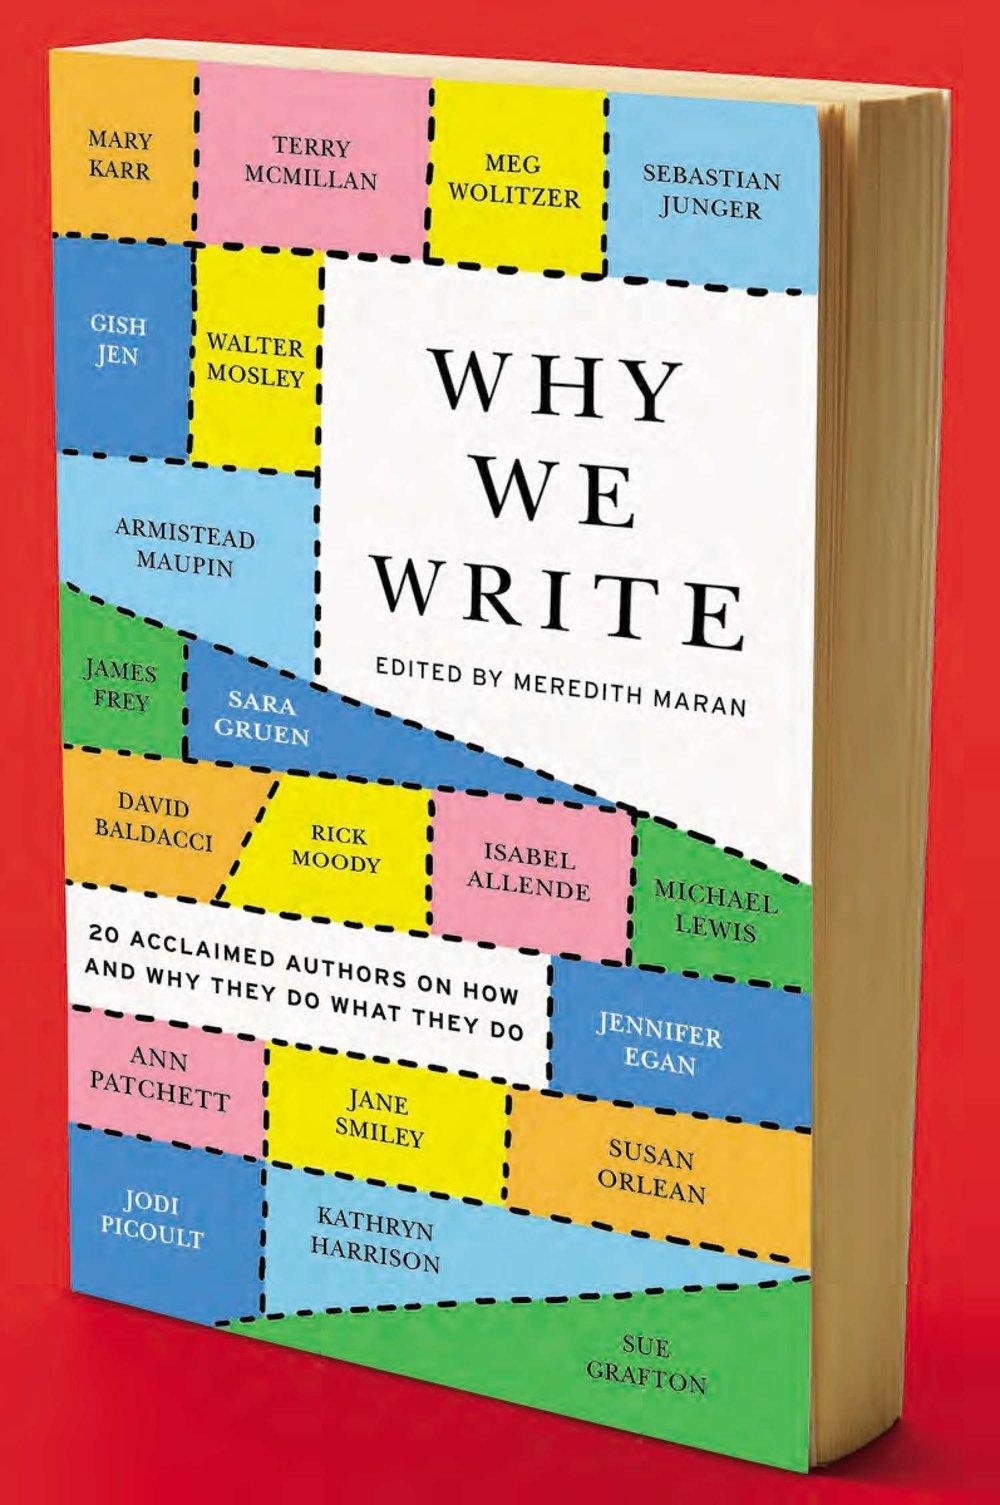 why-we-write-meredith-maran.jpg